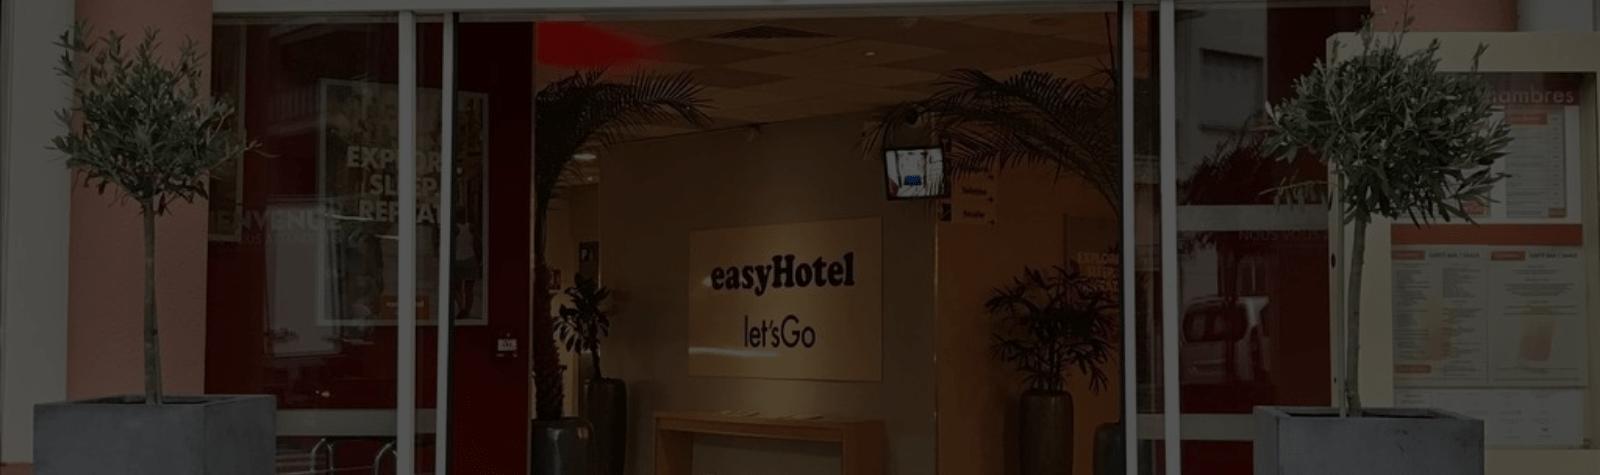 Travellers' Choice Awards 2020 : easyHotel Nice Centre se distingue parmi les hôtels les mieux notés